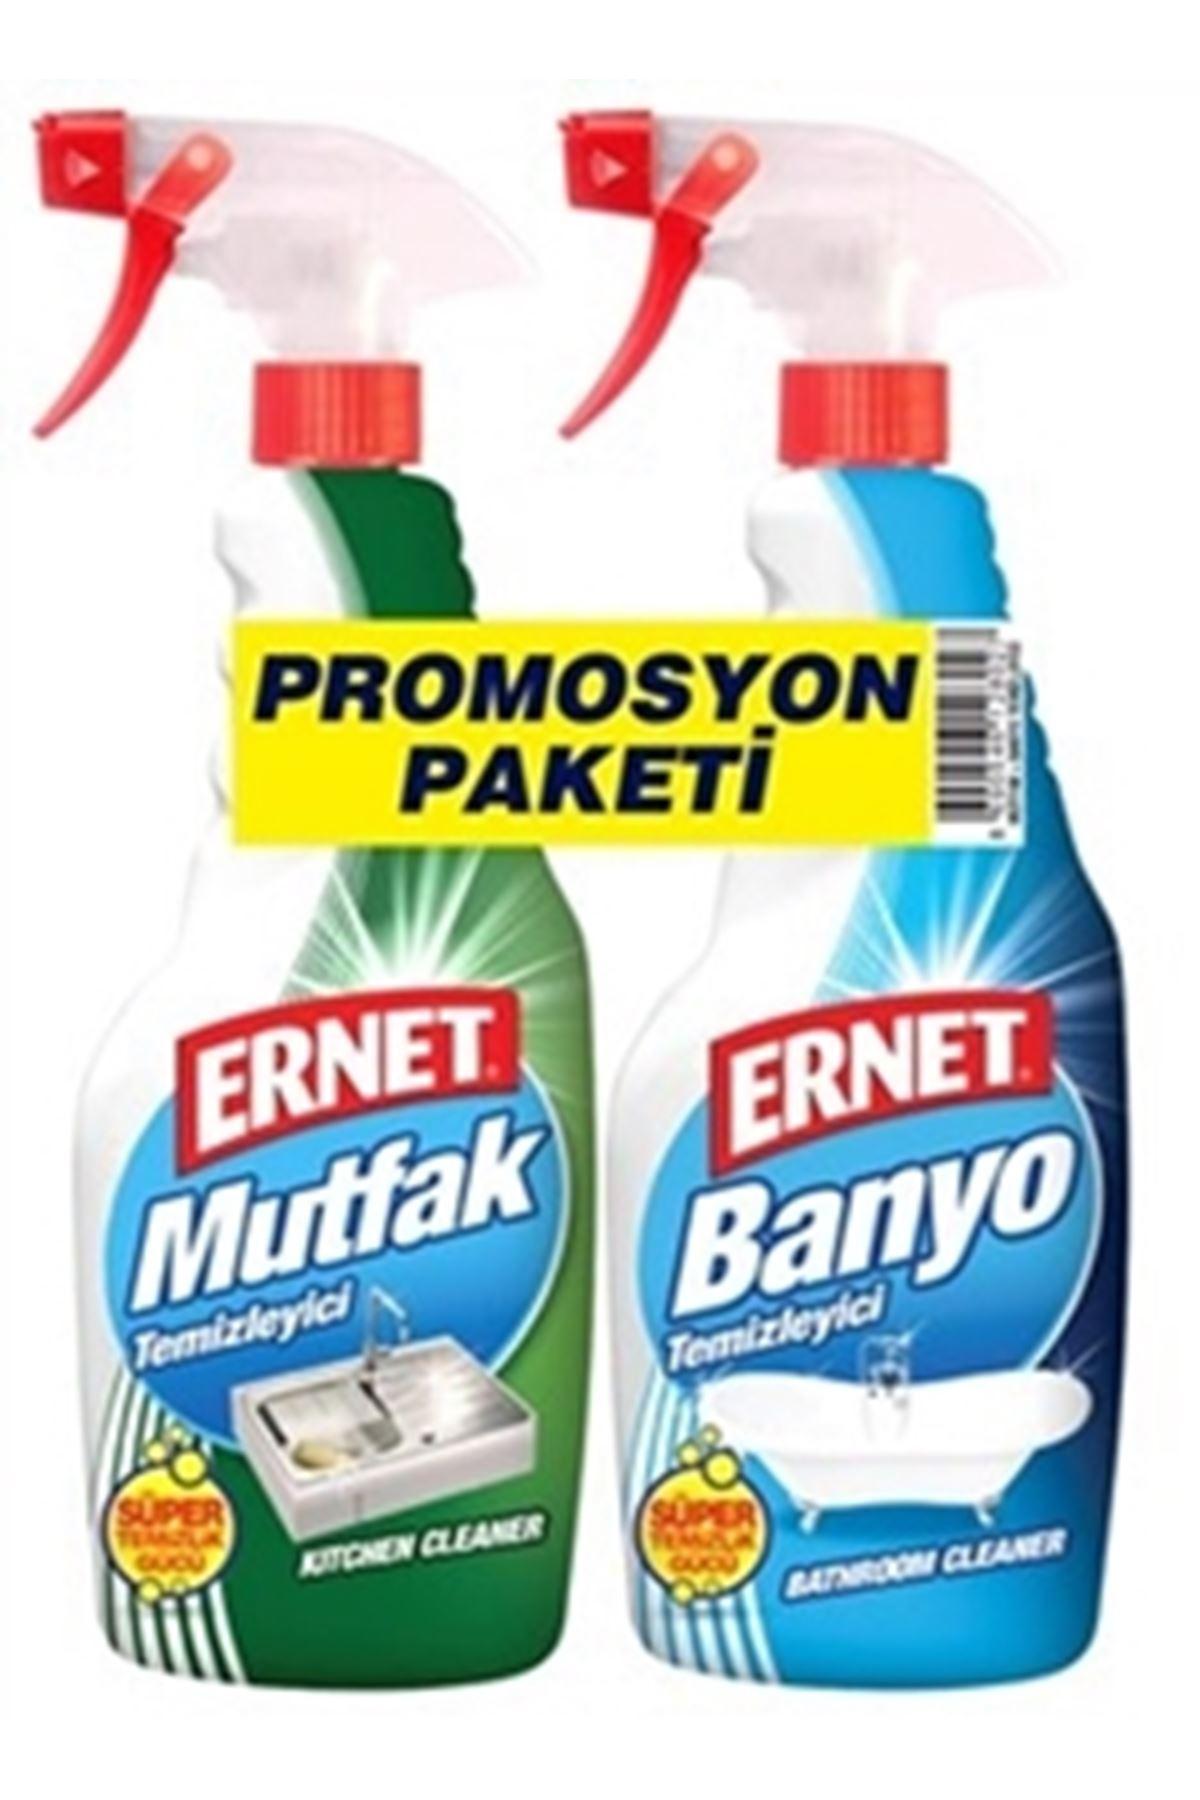 Ernet Süper Likit Promosyon Mutfak + Banyo Temizleyici Spreyli (1+1) 750 Ml